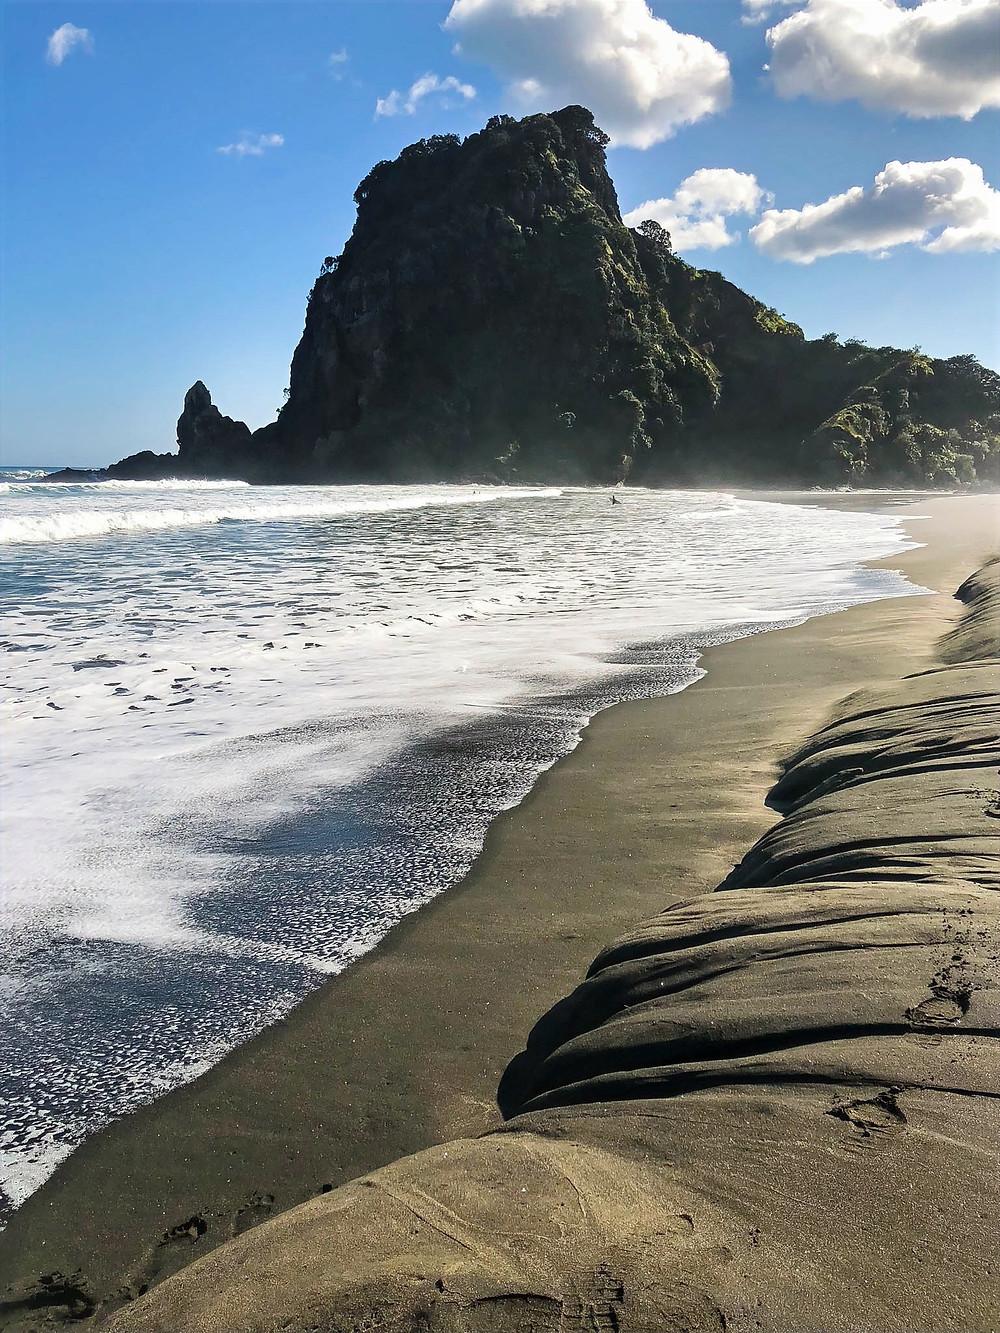 lion rock, Te Kawerau a Maki, Ngati Tangiaro Taua, the maori people of Waitakere City, patterns in the black sand of piha beach, where to surf in new zealand, the dangerous waters of piha, where are the strongest currents in new zealand to surf